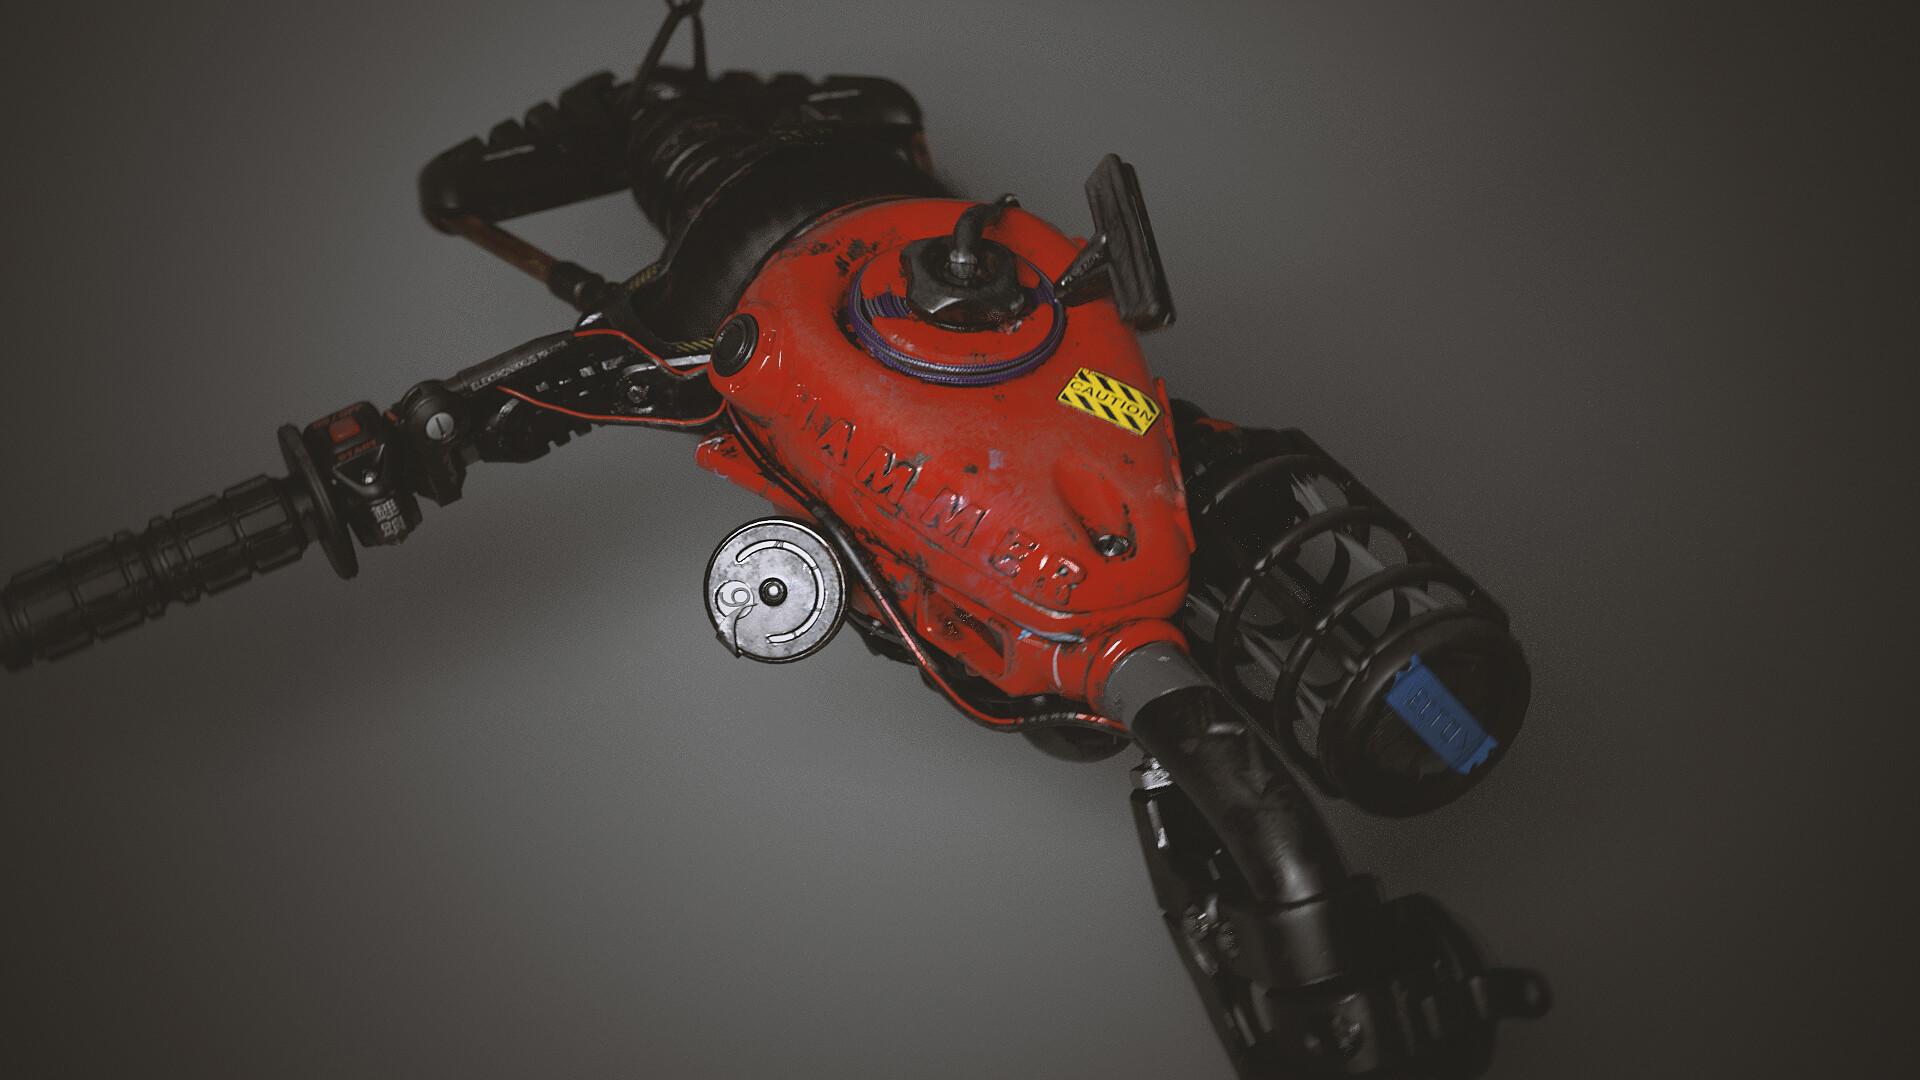 Part lawn mower, part motorcycle, part vacuum cleaner, part deadly laser cannon - 100% dangerous!